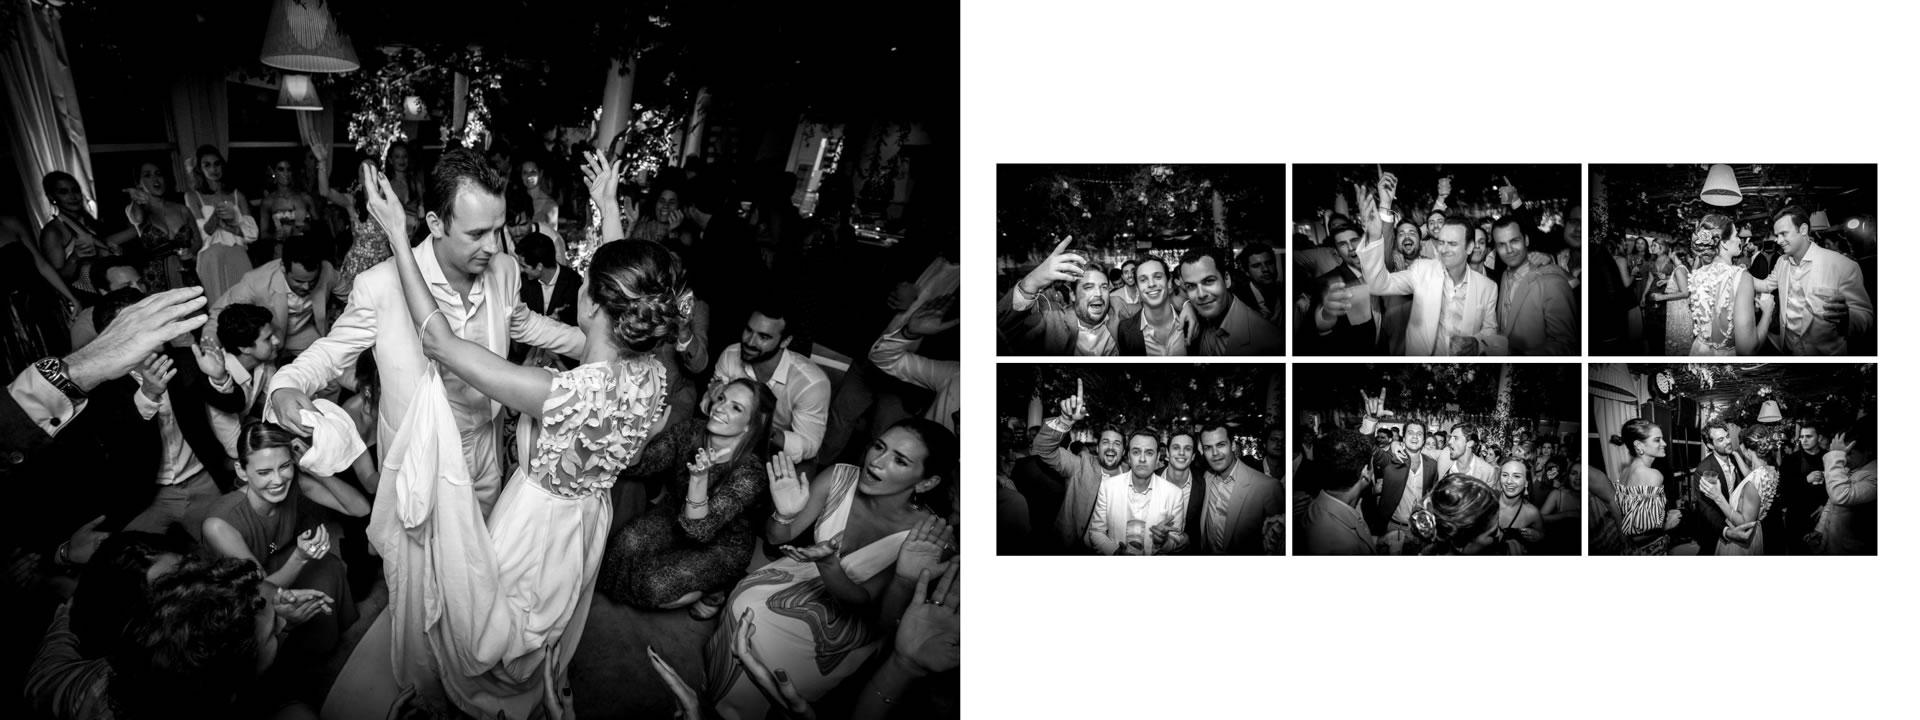 - 57 :: Jewish luxury wedding weekend in Capri :: Luxury wedding photography - 56 ::  - 57